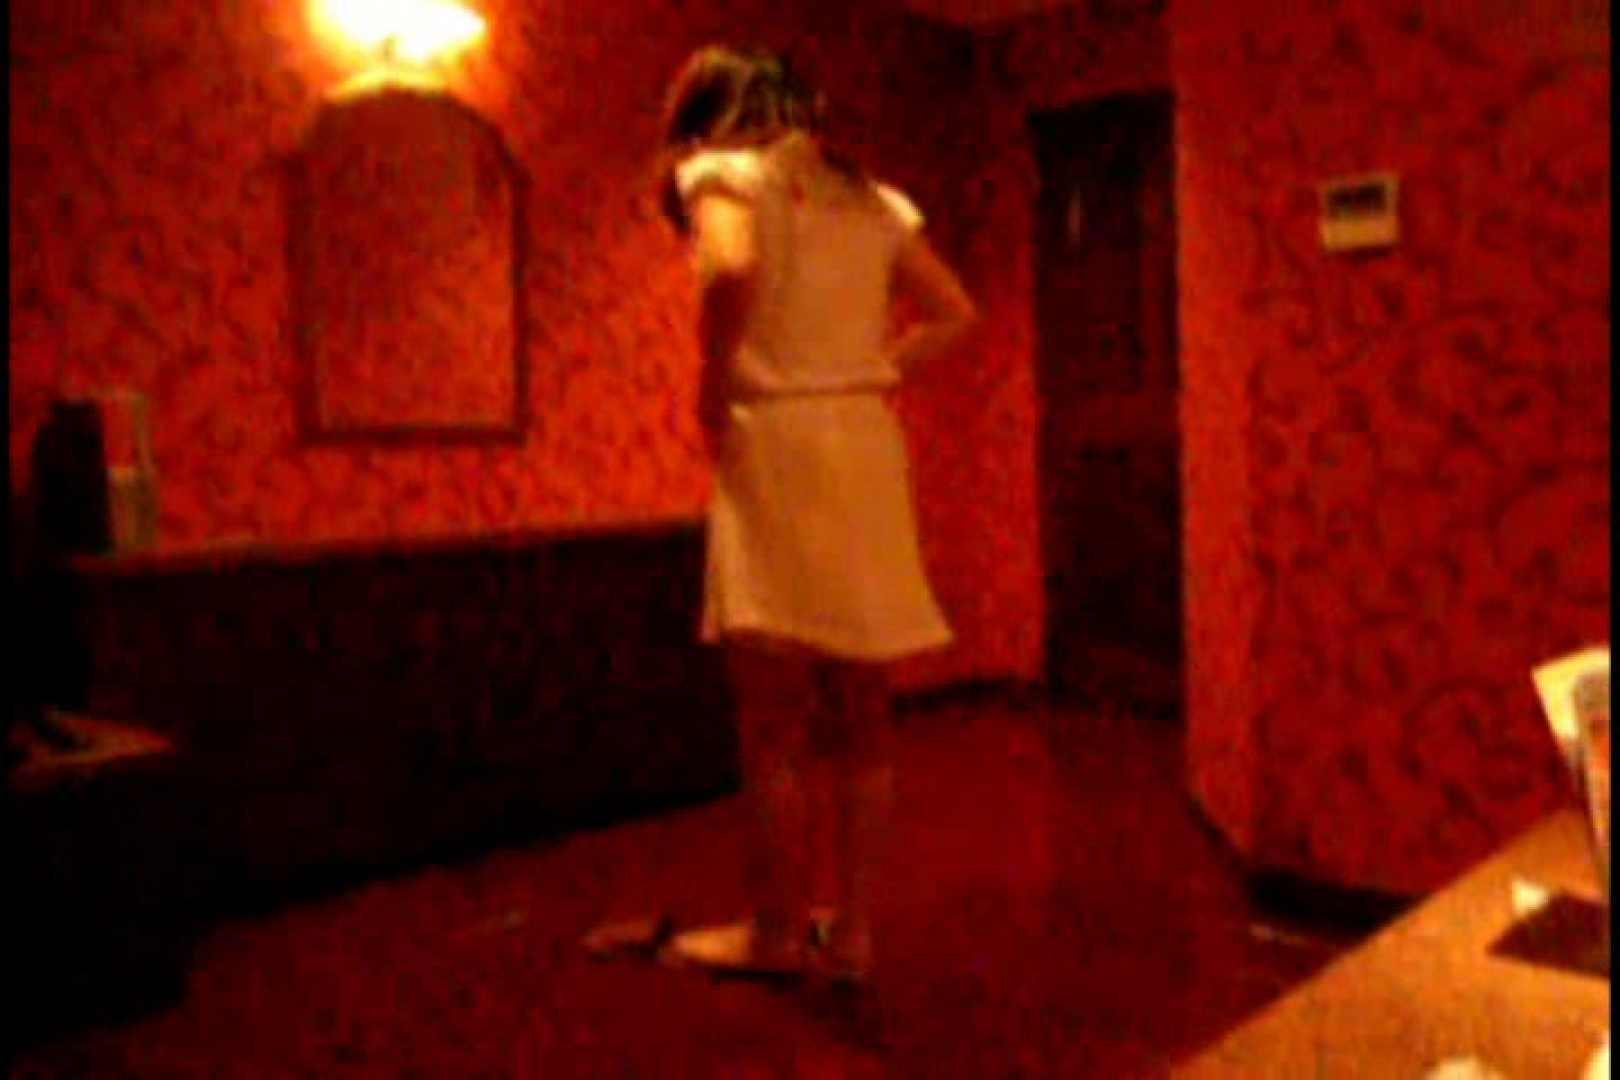 某掲示板に投稿された素人女性たちVOL.9 投稿 性交動画流出 94PIX 23